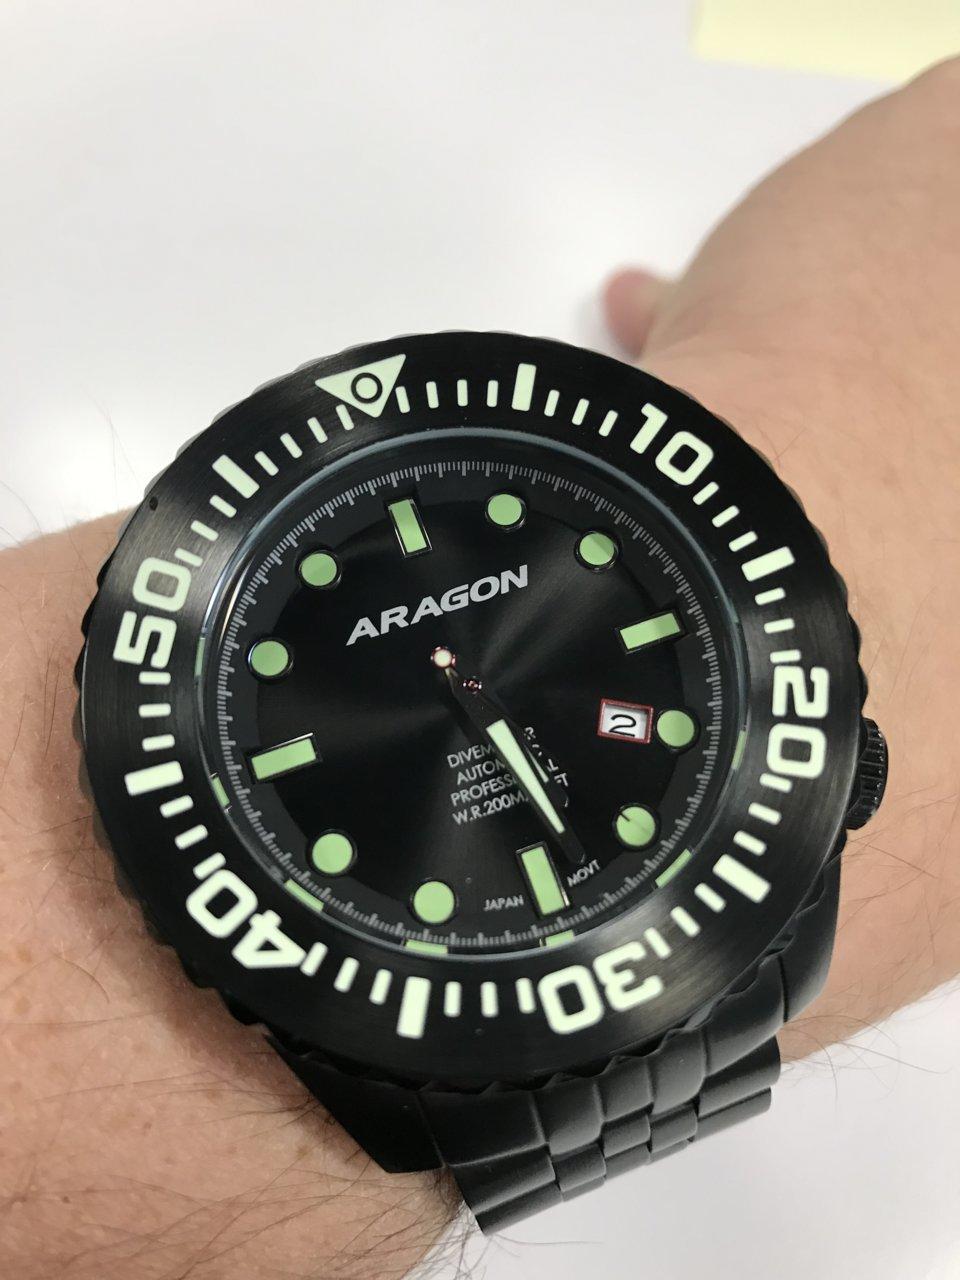 A0C51D9E-37FB-490F-9371-38C00528F024.jpg